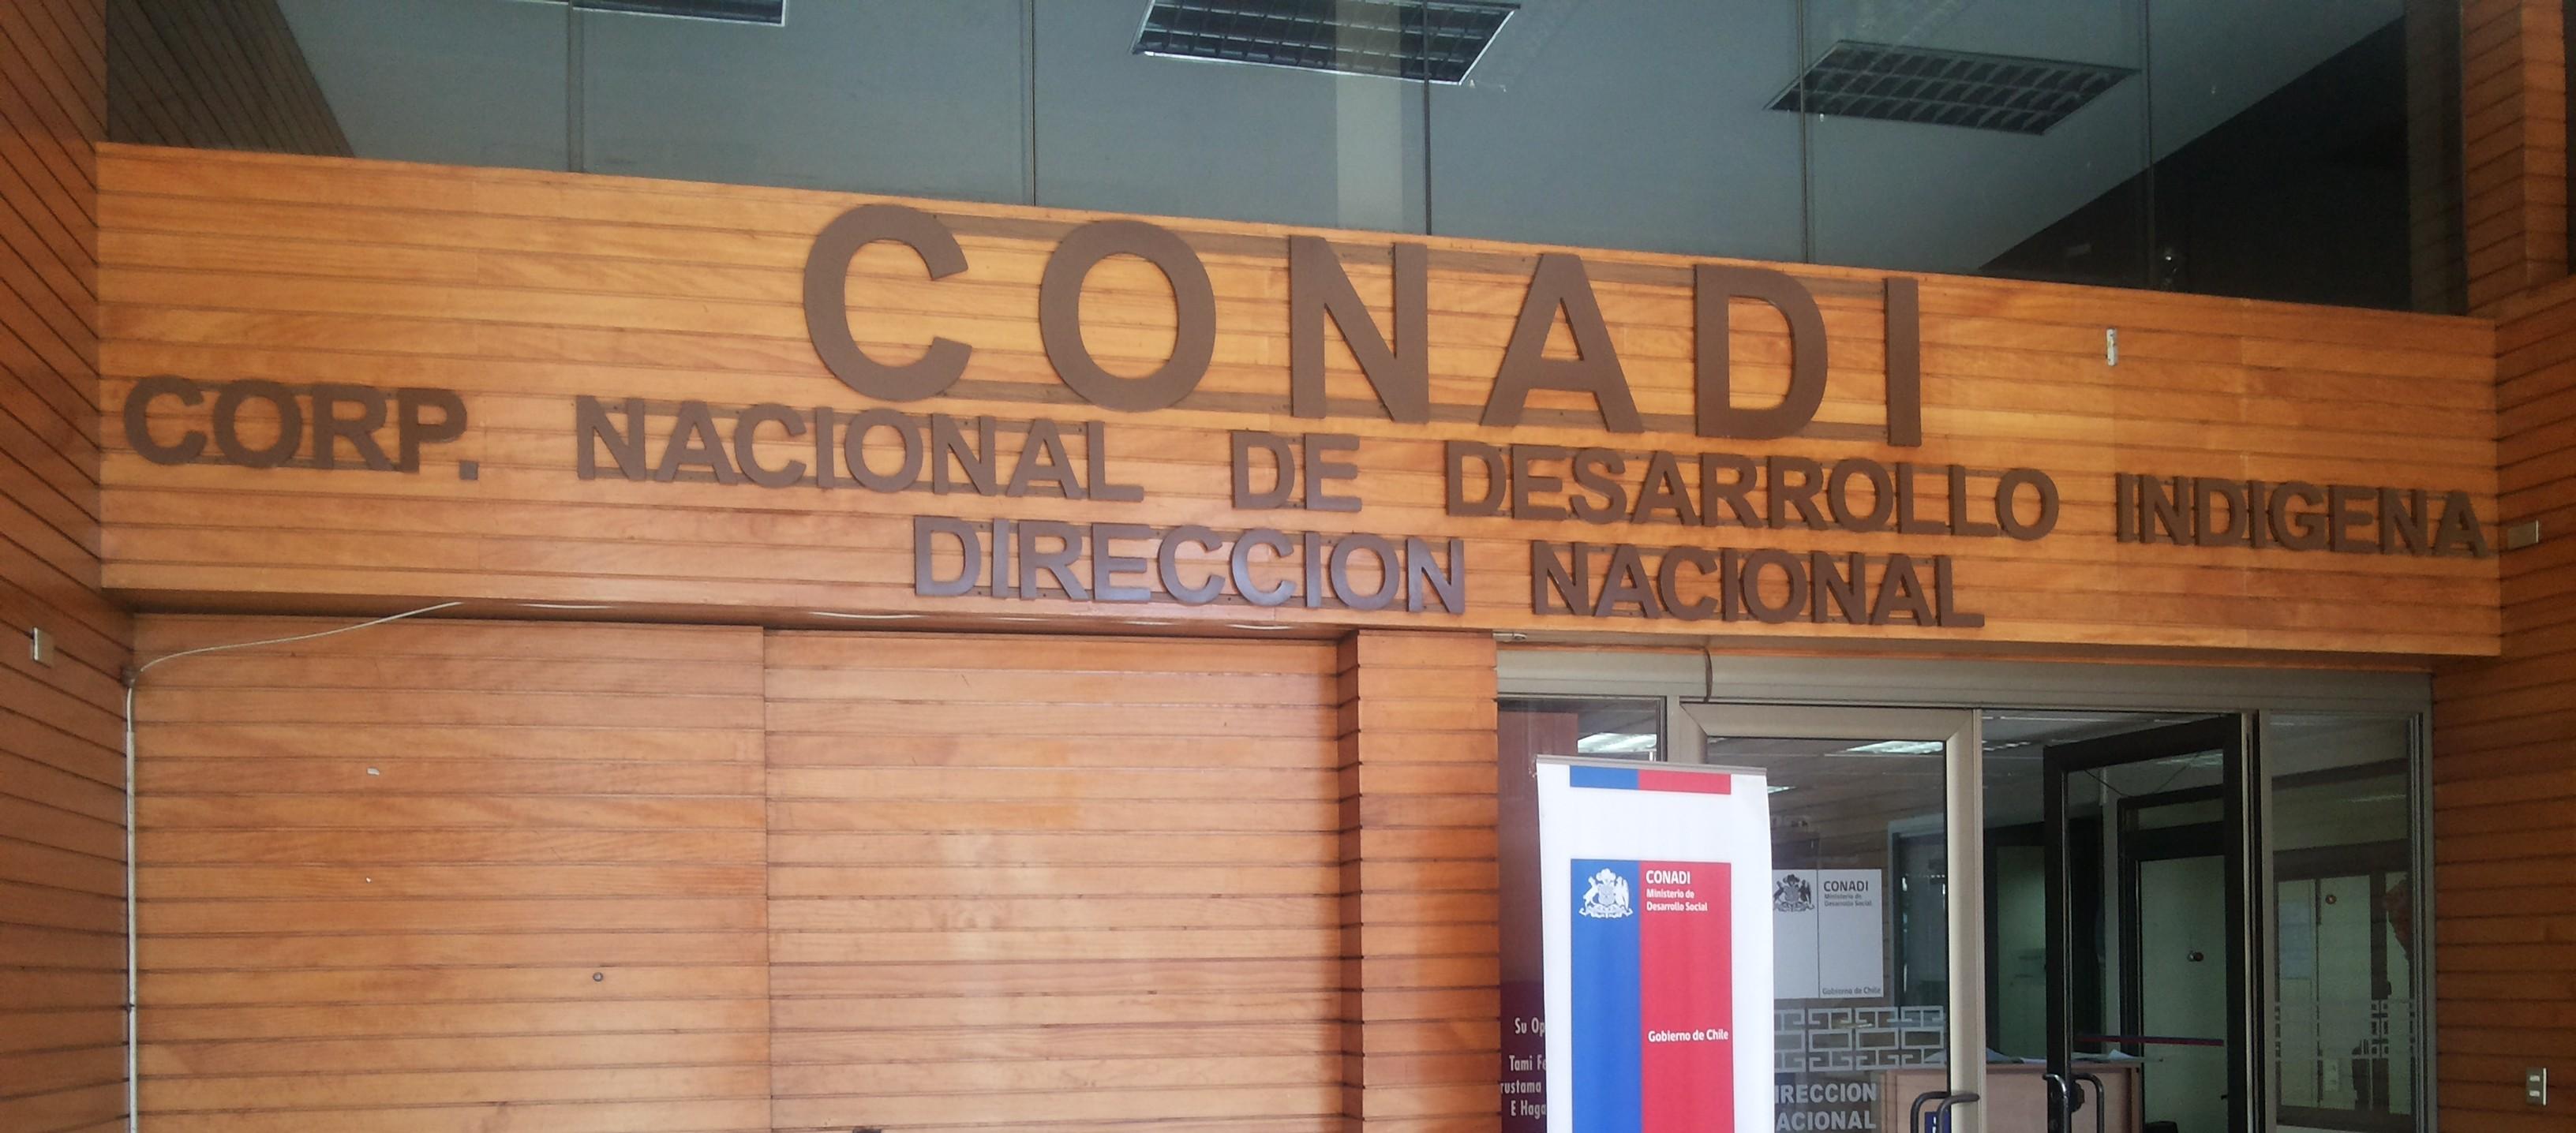 ARCHIVO | Cristián Cerna | Agencia UNO